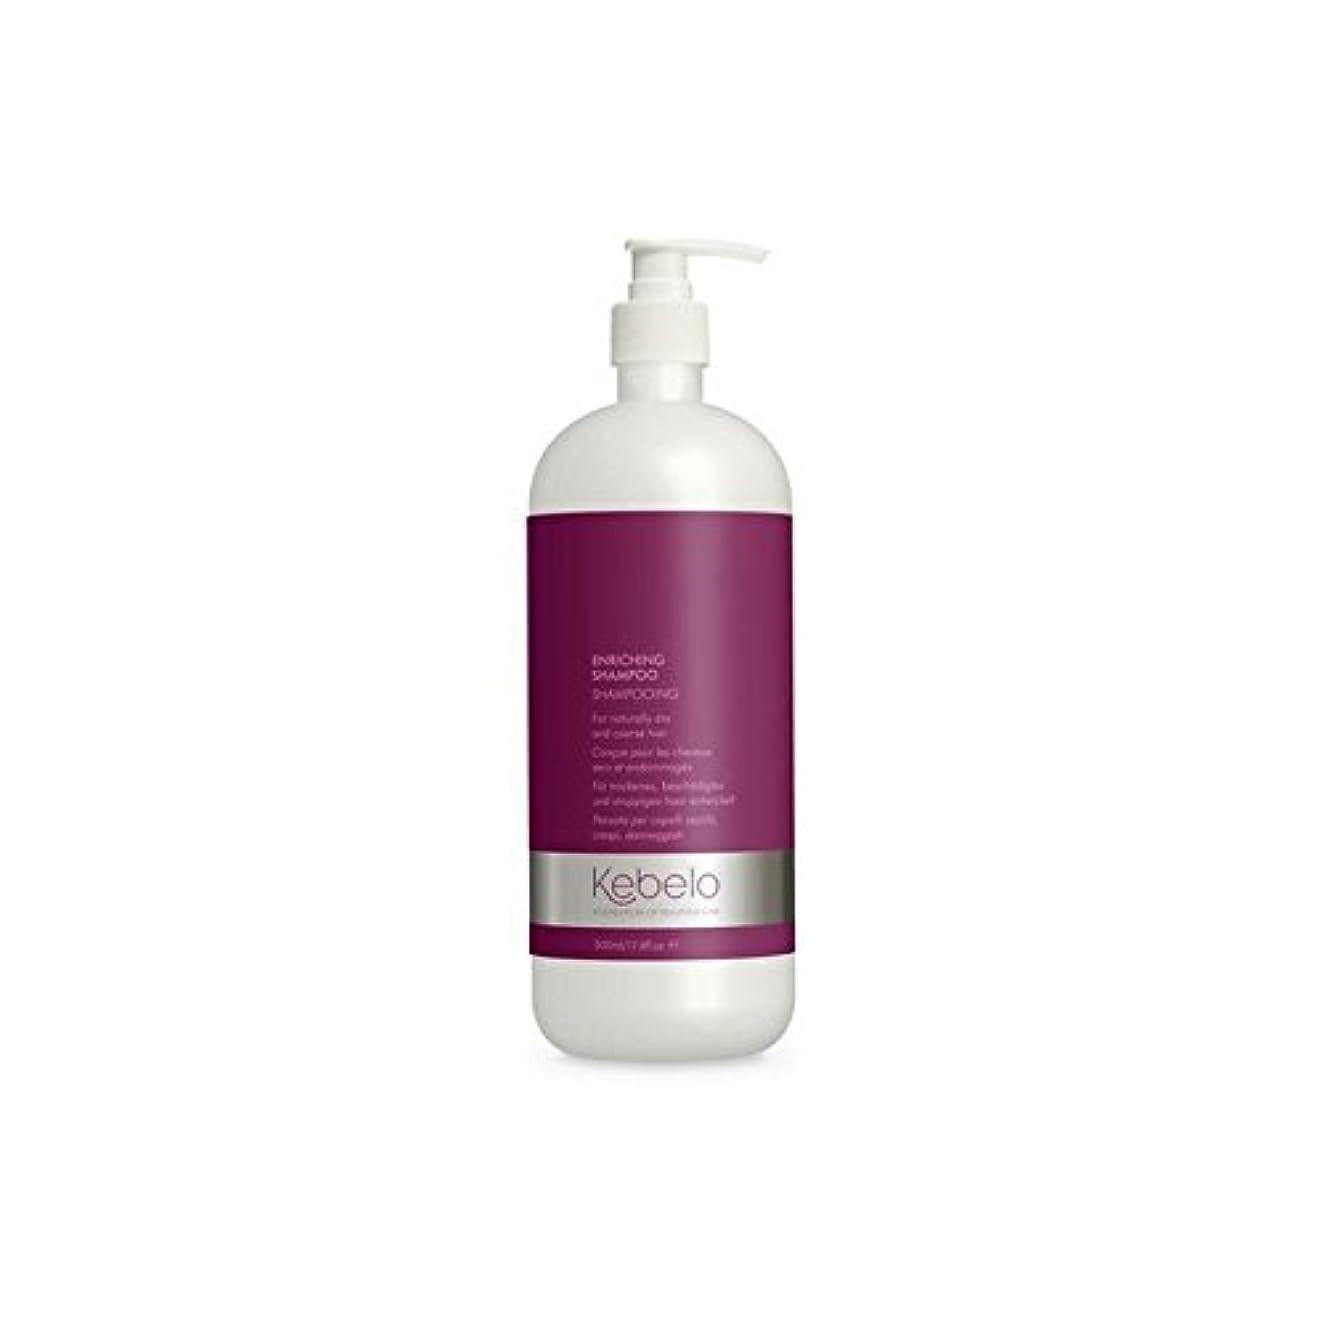 使役腹スズメバチKebelo Enriching Shampoo 500ml - シャンプー500ミリリットルを豊かに [並行輸入品]